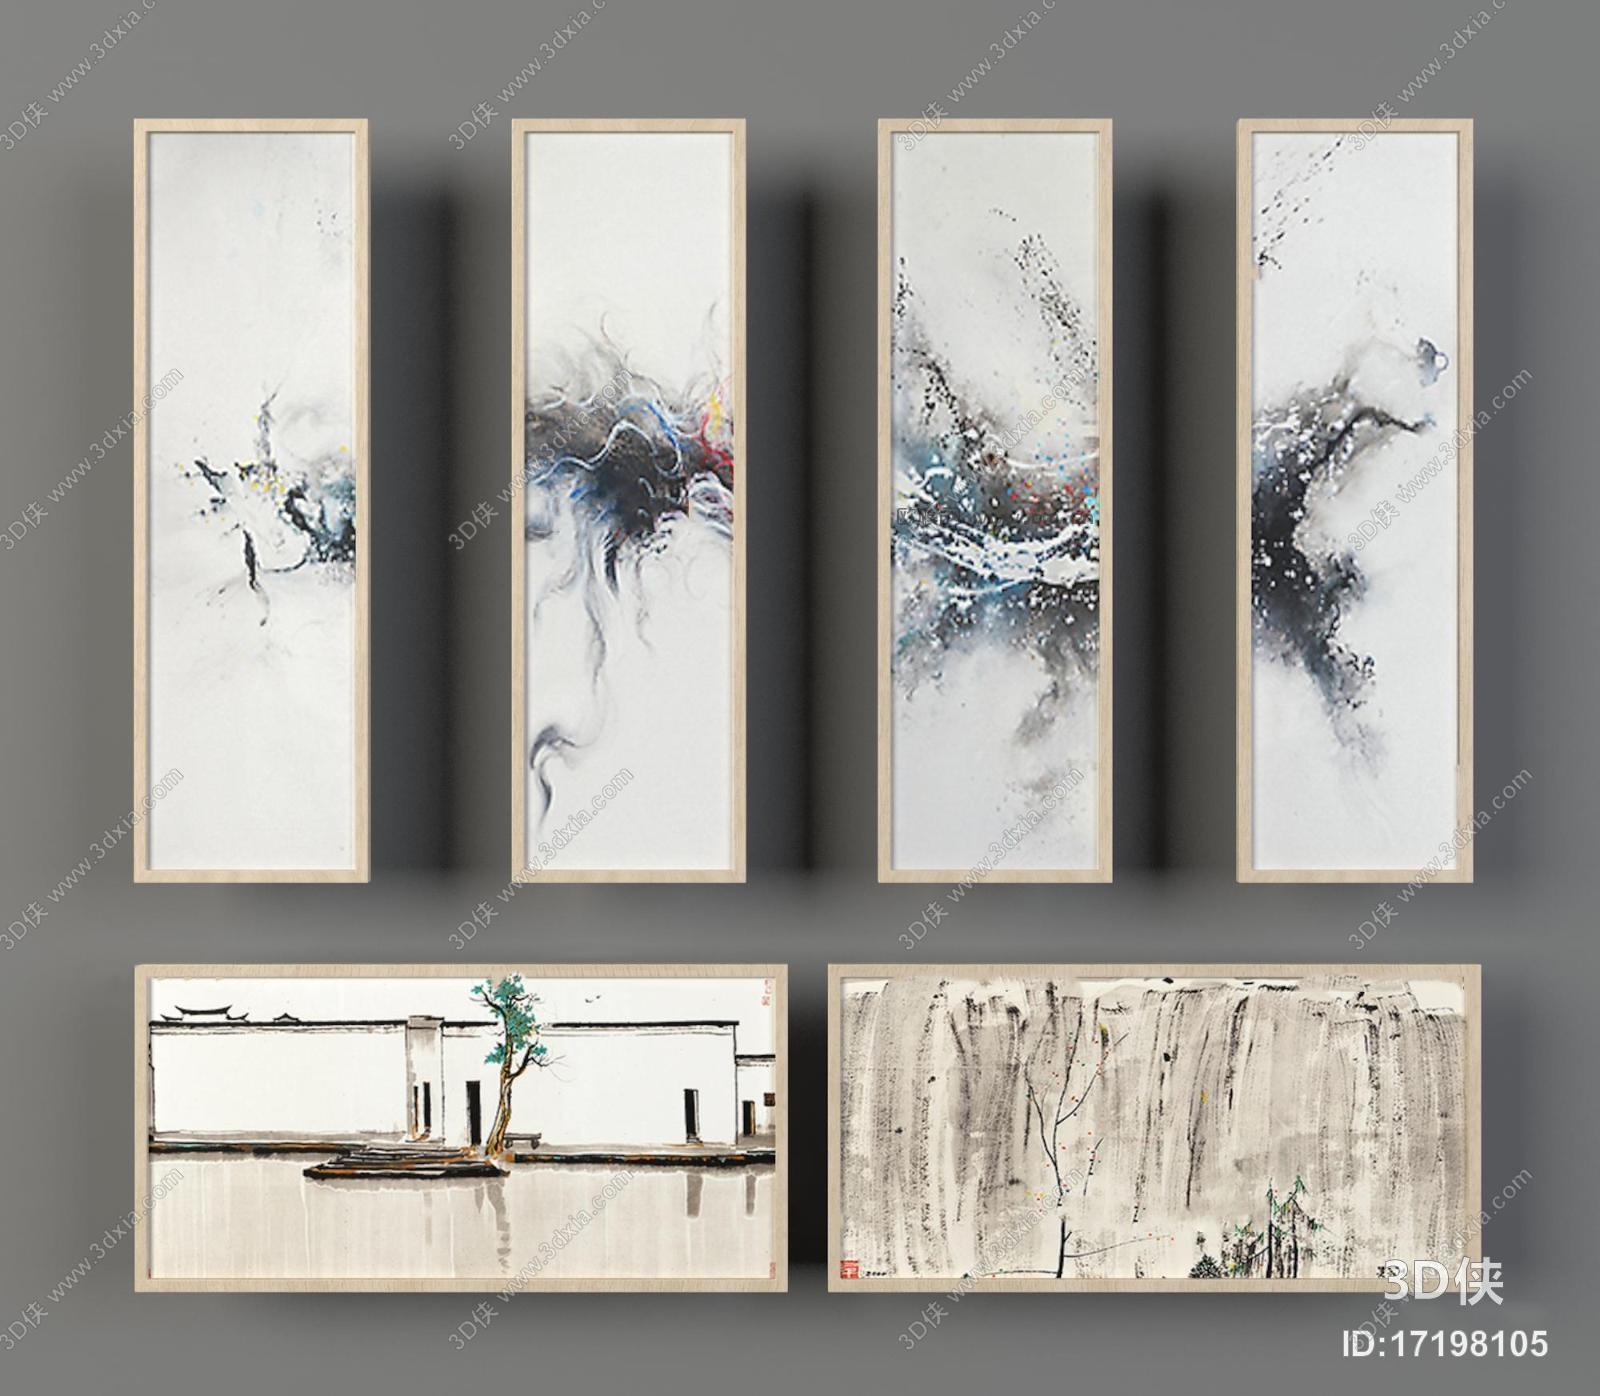 挂画效果图素材免费下载,本作品主题是新中式装饰画组合3d模型,编号是